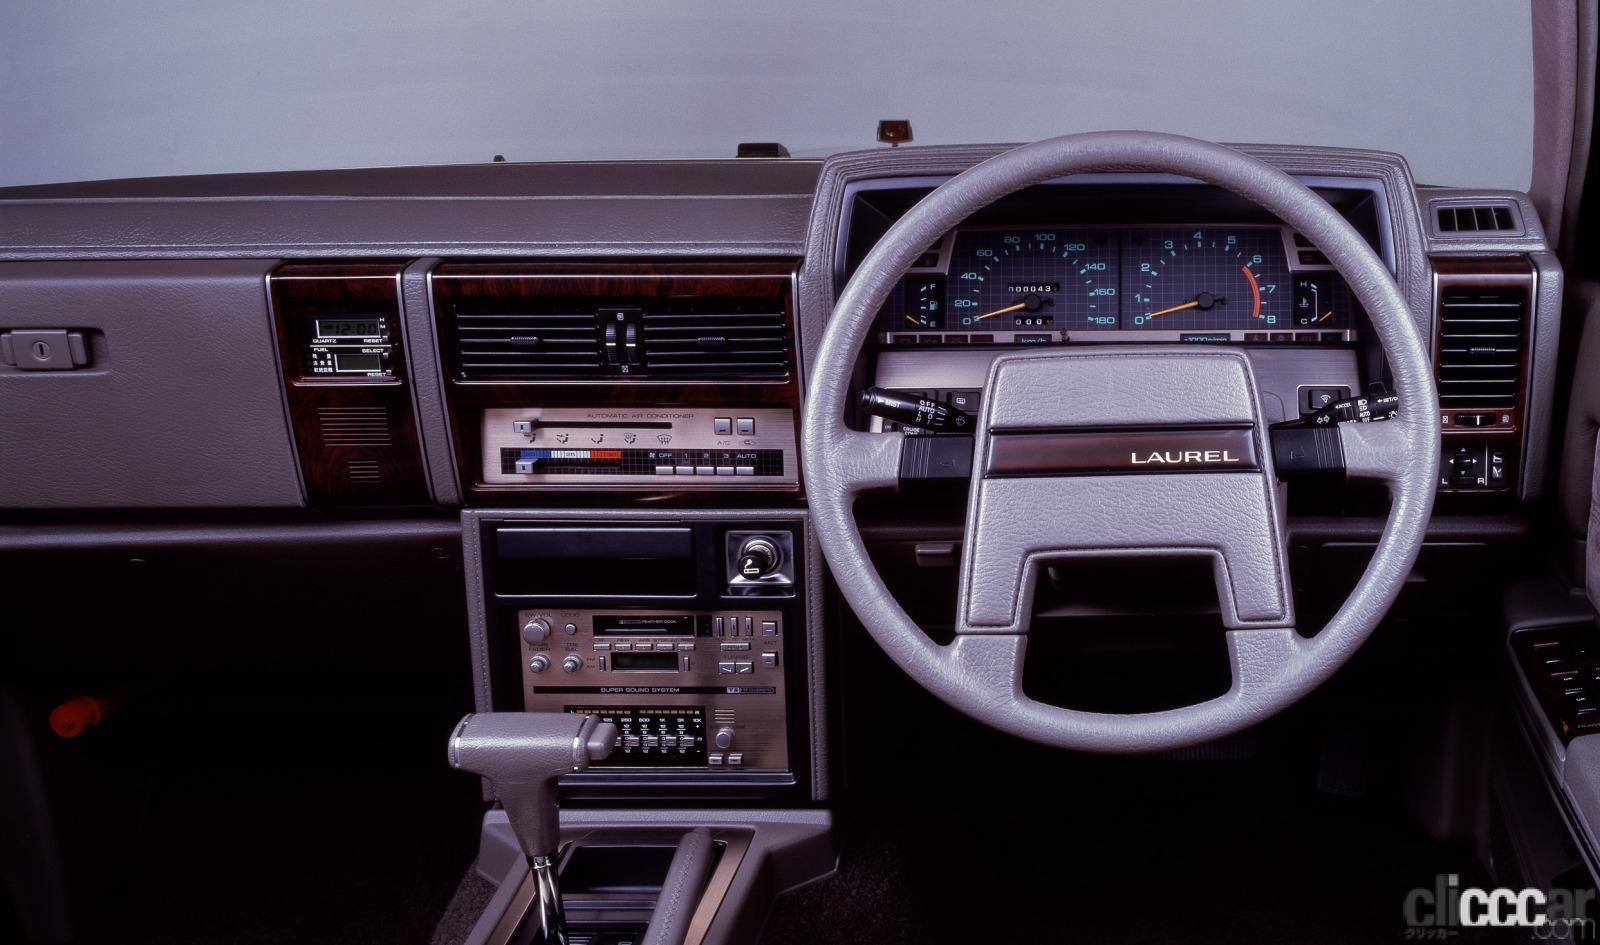 「日産・ローレル 5代目、四角四面なボディは格調高き高級サルーンの証【ネオ・クラシックカー・グッドデザイン太鼓判「個性車編」第9回】」の4枚目の画像